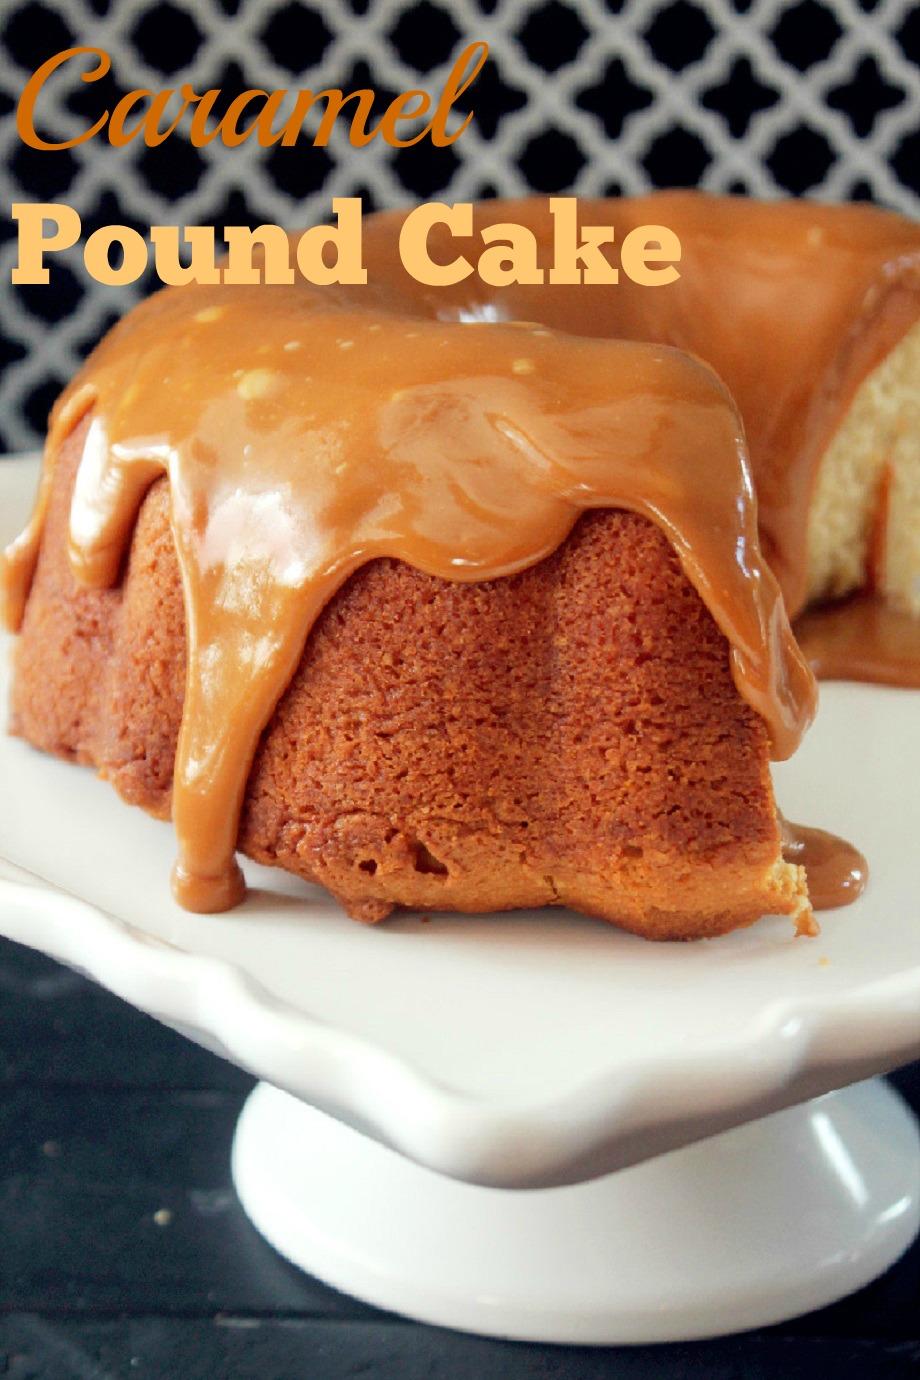 Caramel Pound Cake-Creole Contessa